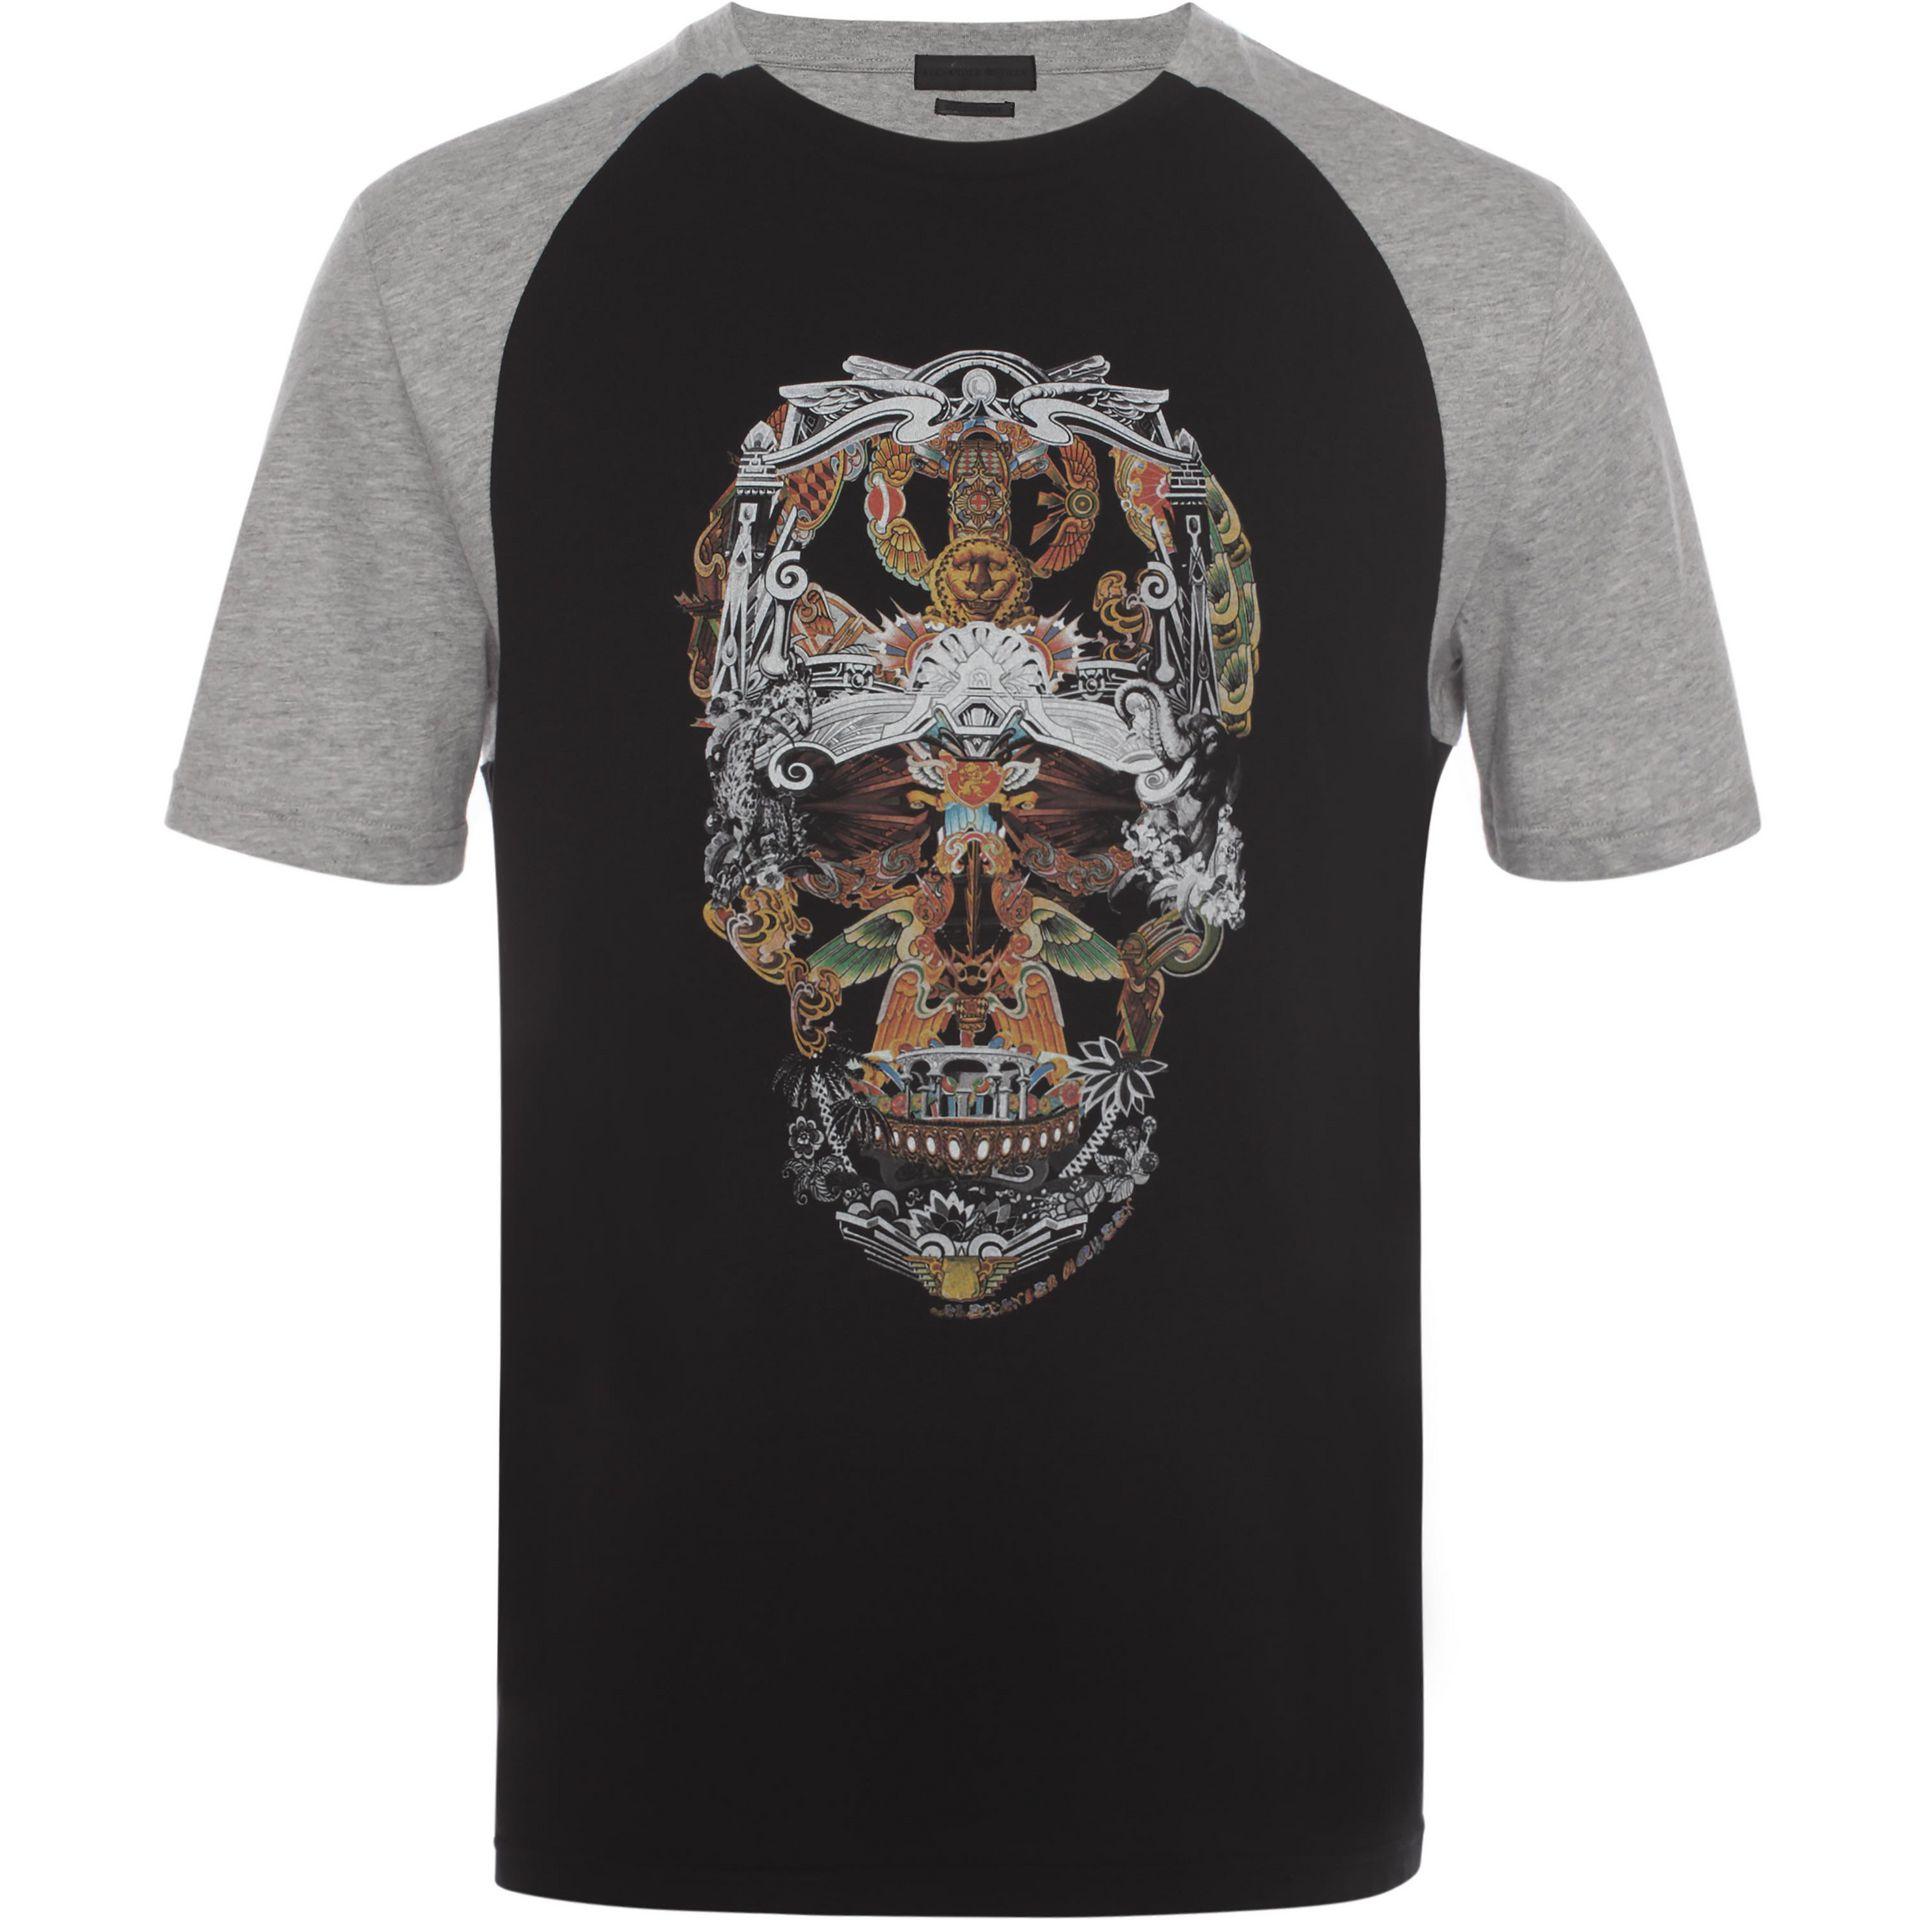 9f692d50 Alexander McQueen Raglan Skull T-shirt in Black for Men - Lyst